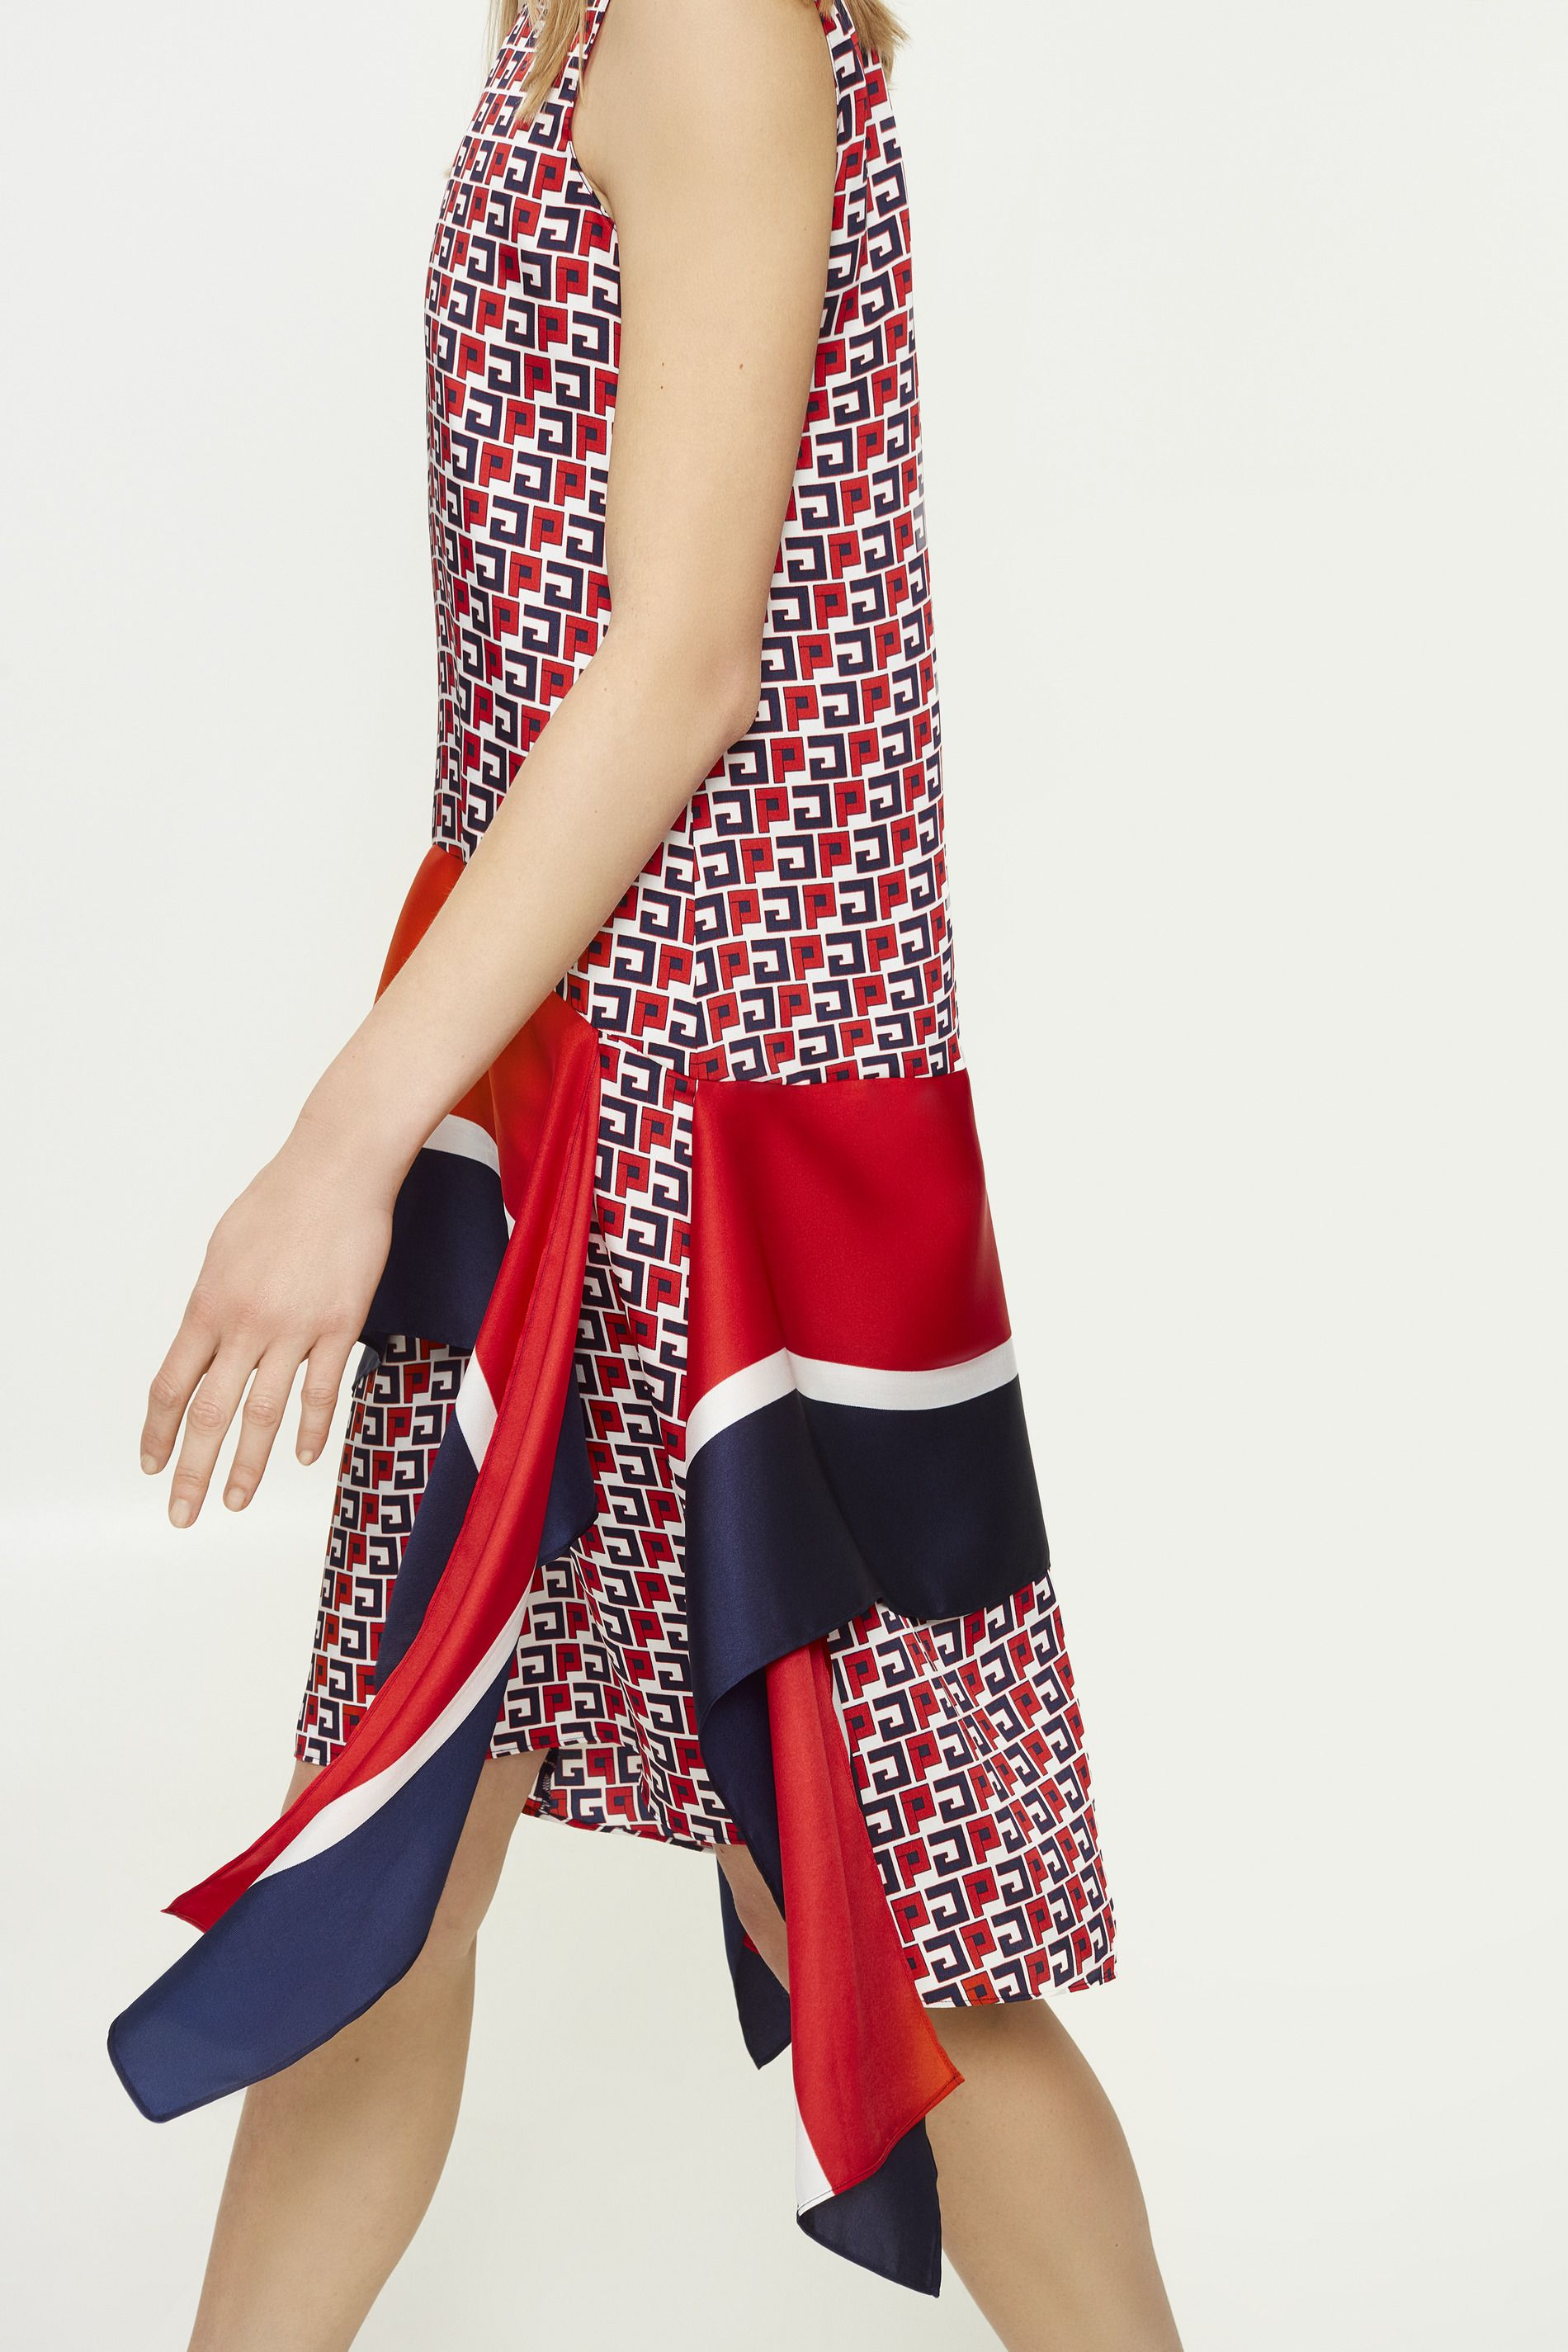 Vestido Fluido Asimétrico Logos Rebajas Mujer Purificación García Vestido Fluido Rebajas Mujer Asimetrico